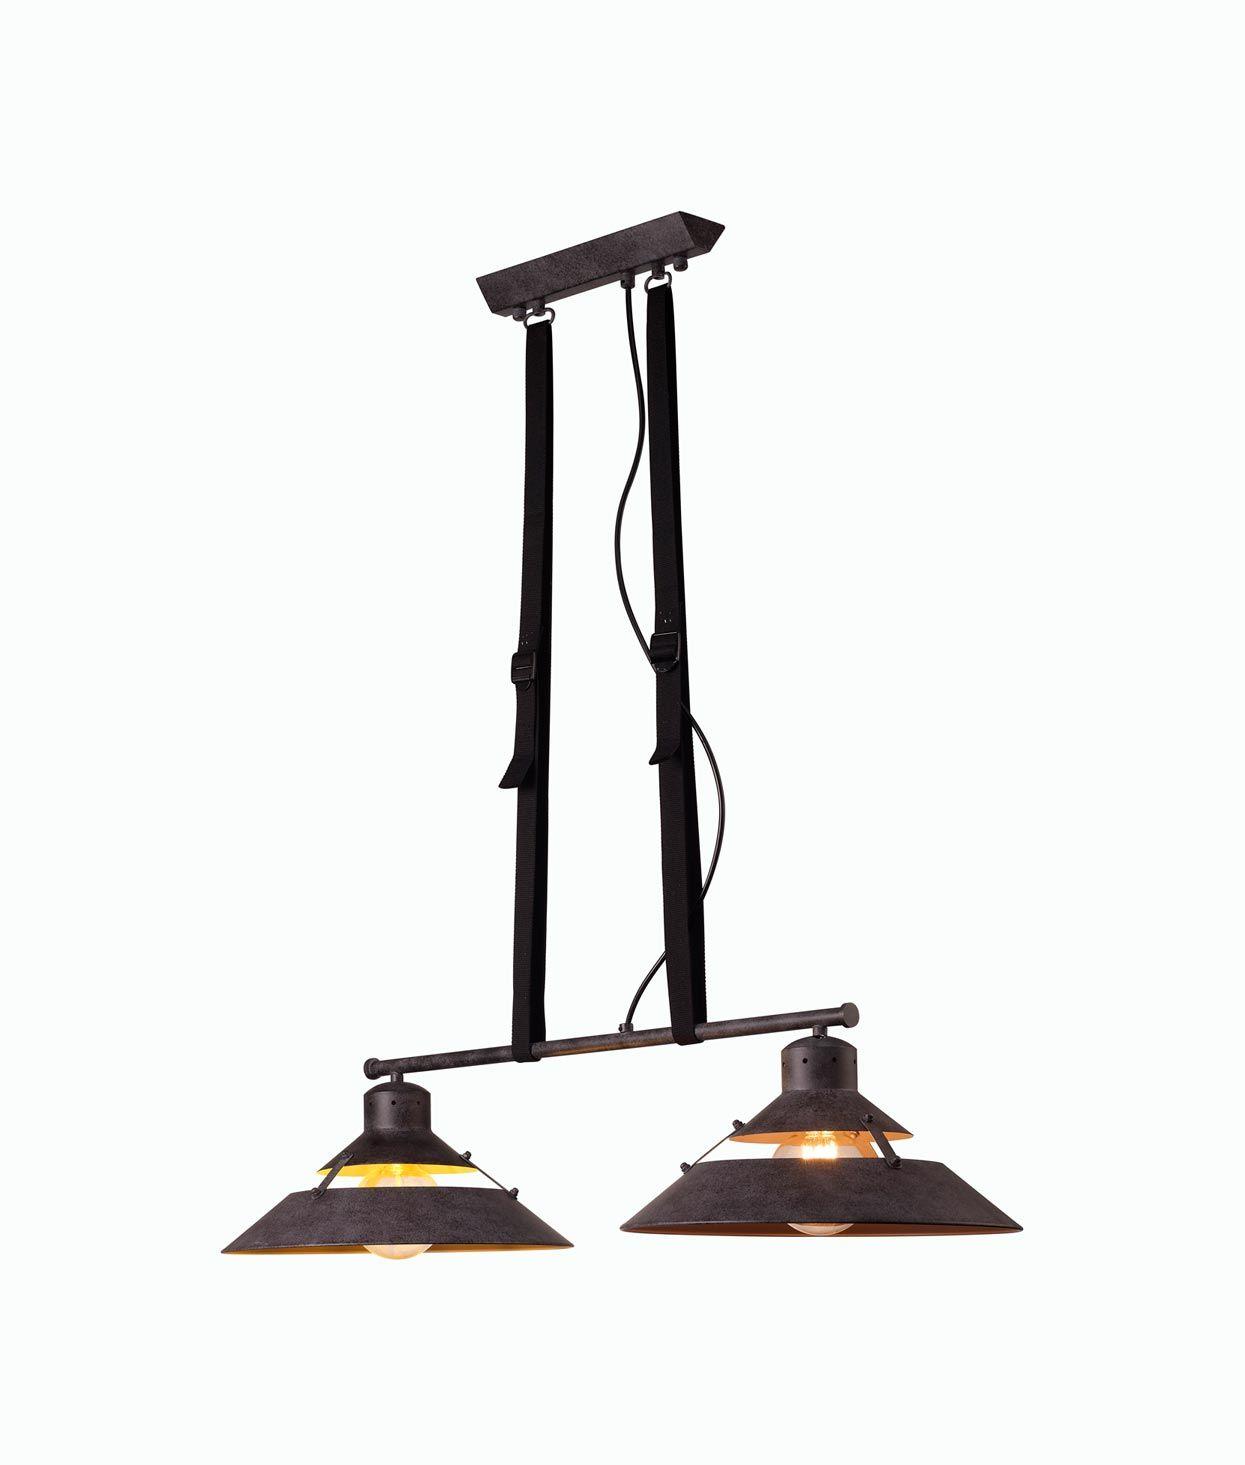 Lámpara de techo negra 2 luces INDUSTRIAL cambio posición